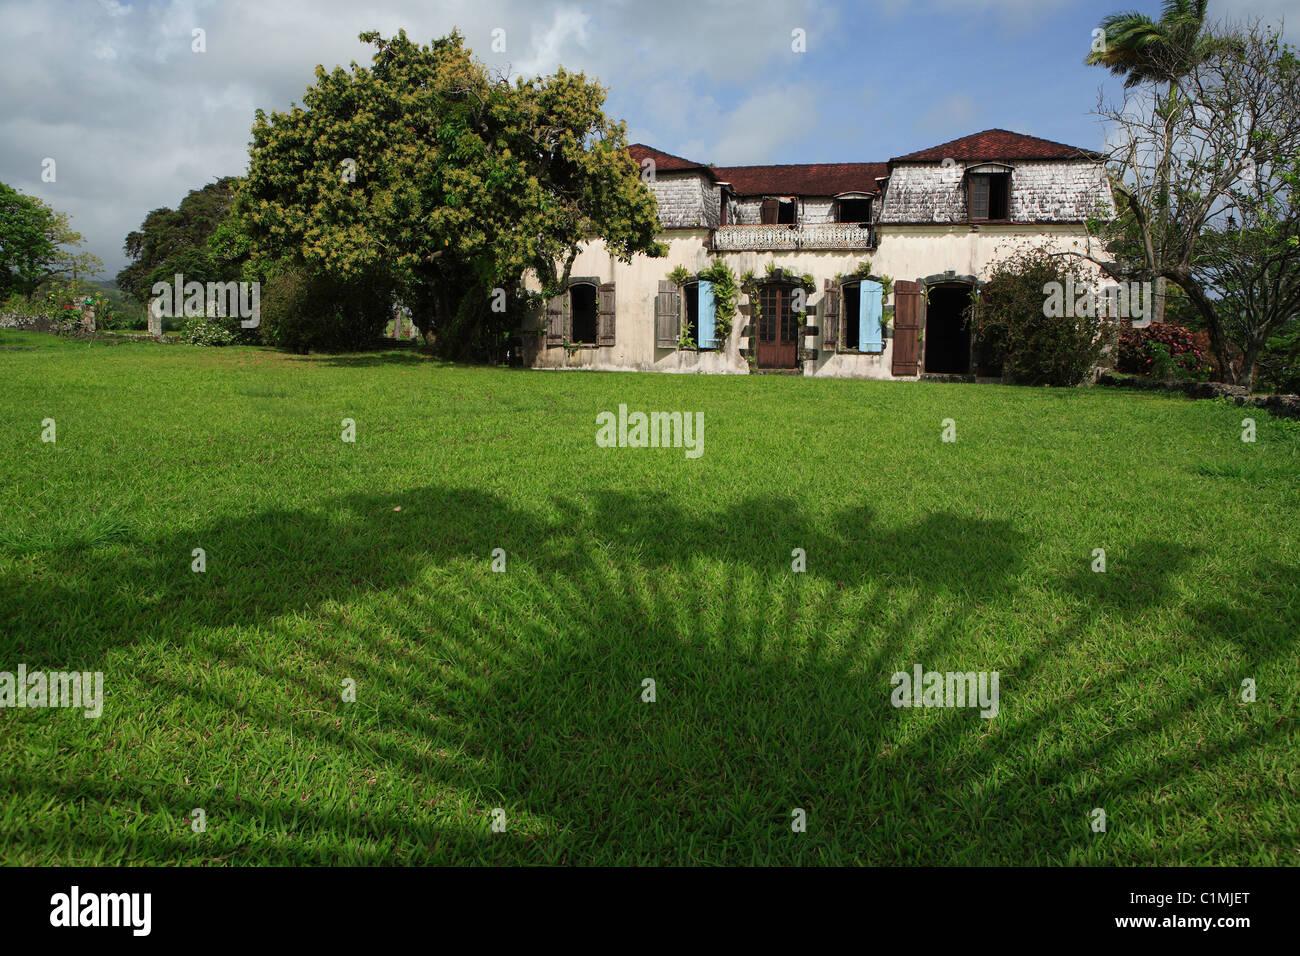 Francia, Martinica (Indie occidentali francesi), dimora Leyritz, un ex mansion e rum distillery, ora un hotel di Immagini Stock